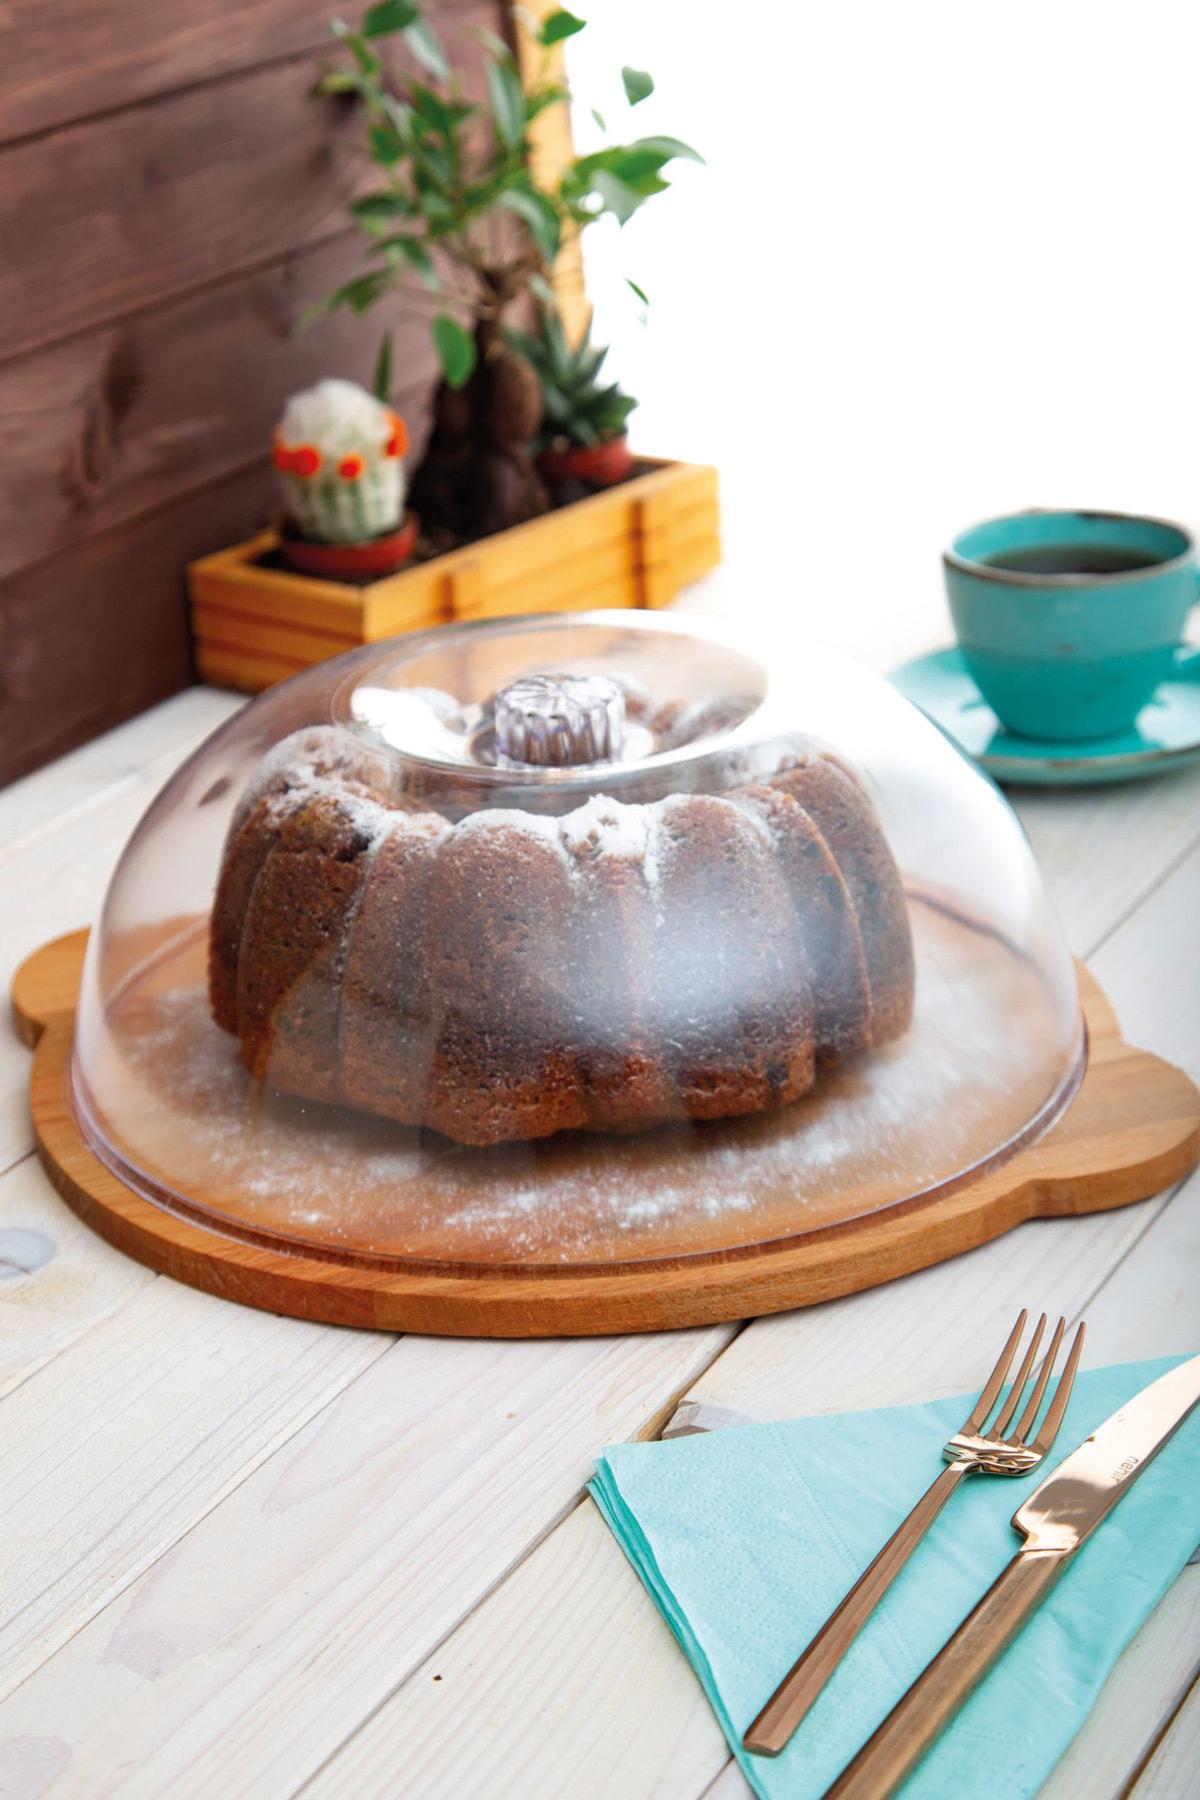 JOY KİTCHEN Ahşap Kek Servisi Kulplu - Akrilik Kapaklı 1